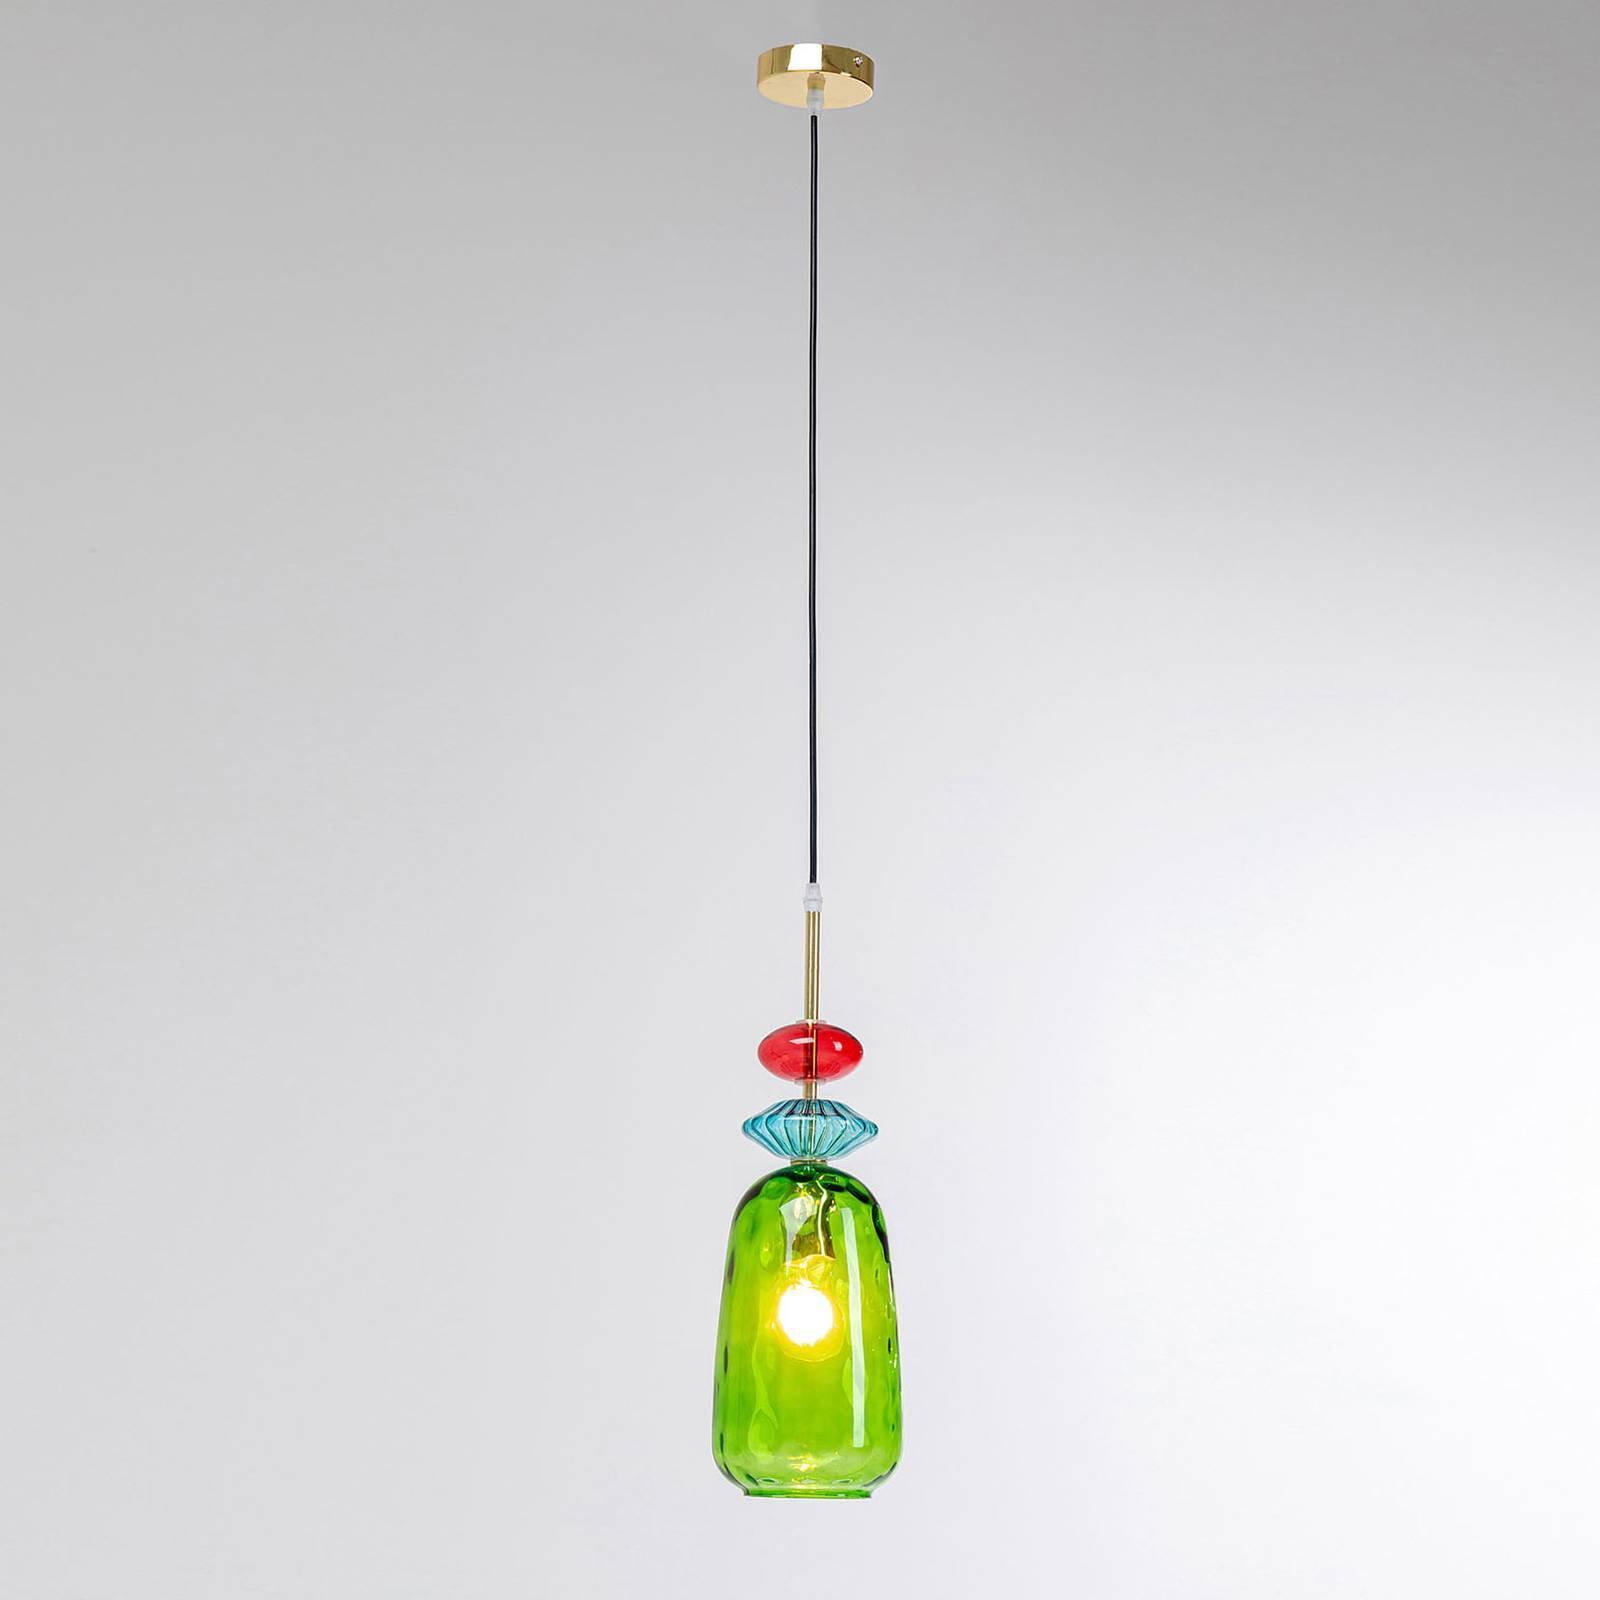 KARE Goblet Color hengelampe av glass, grønn